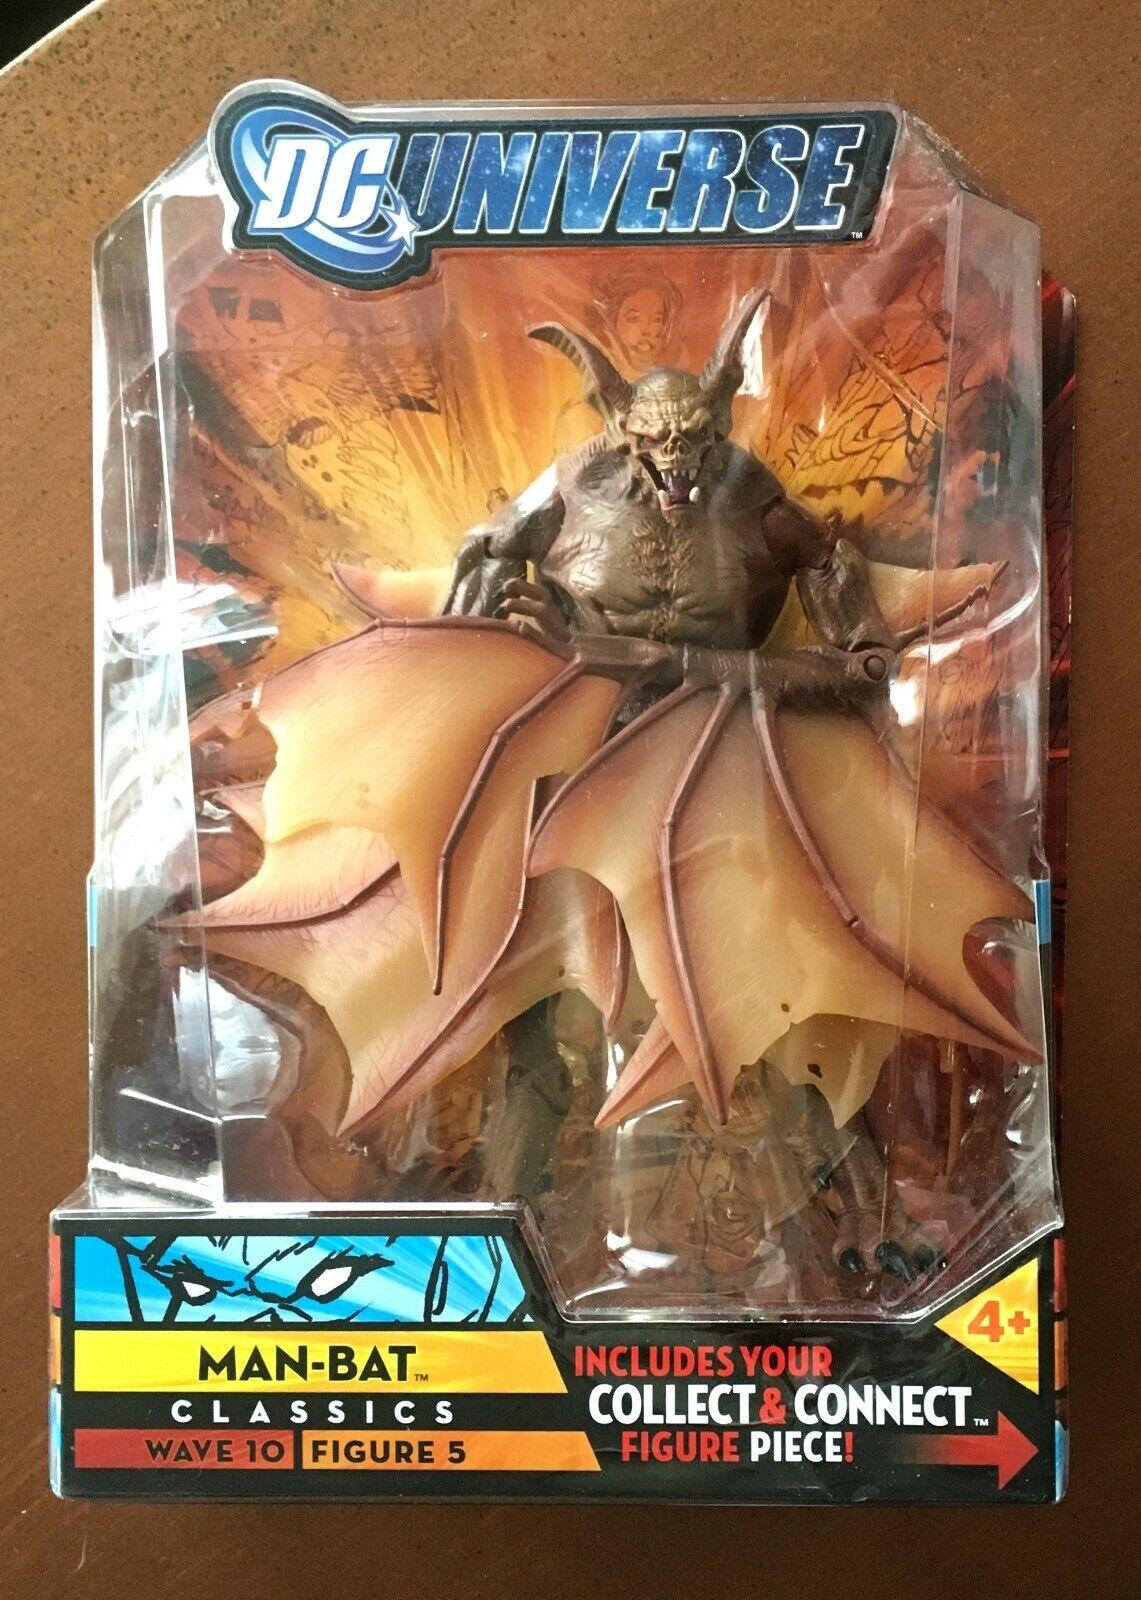 Neuf DC universe classics homme-BAT Wave 10 Figurine 5  Imperiex bras  100% neuf avec qualité d'origine